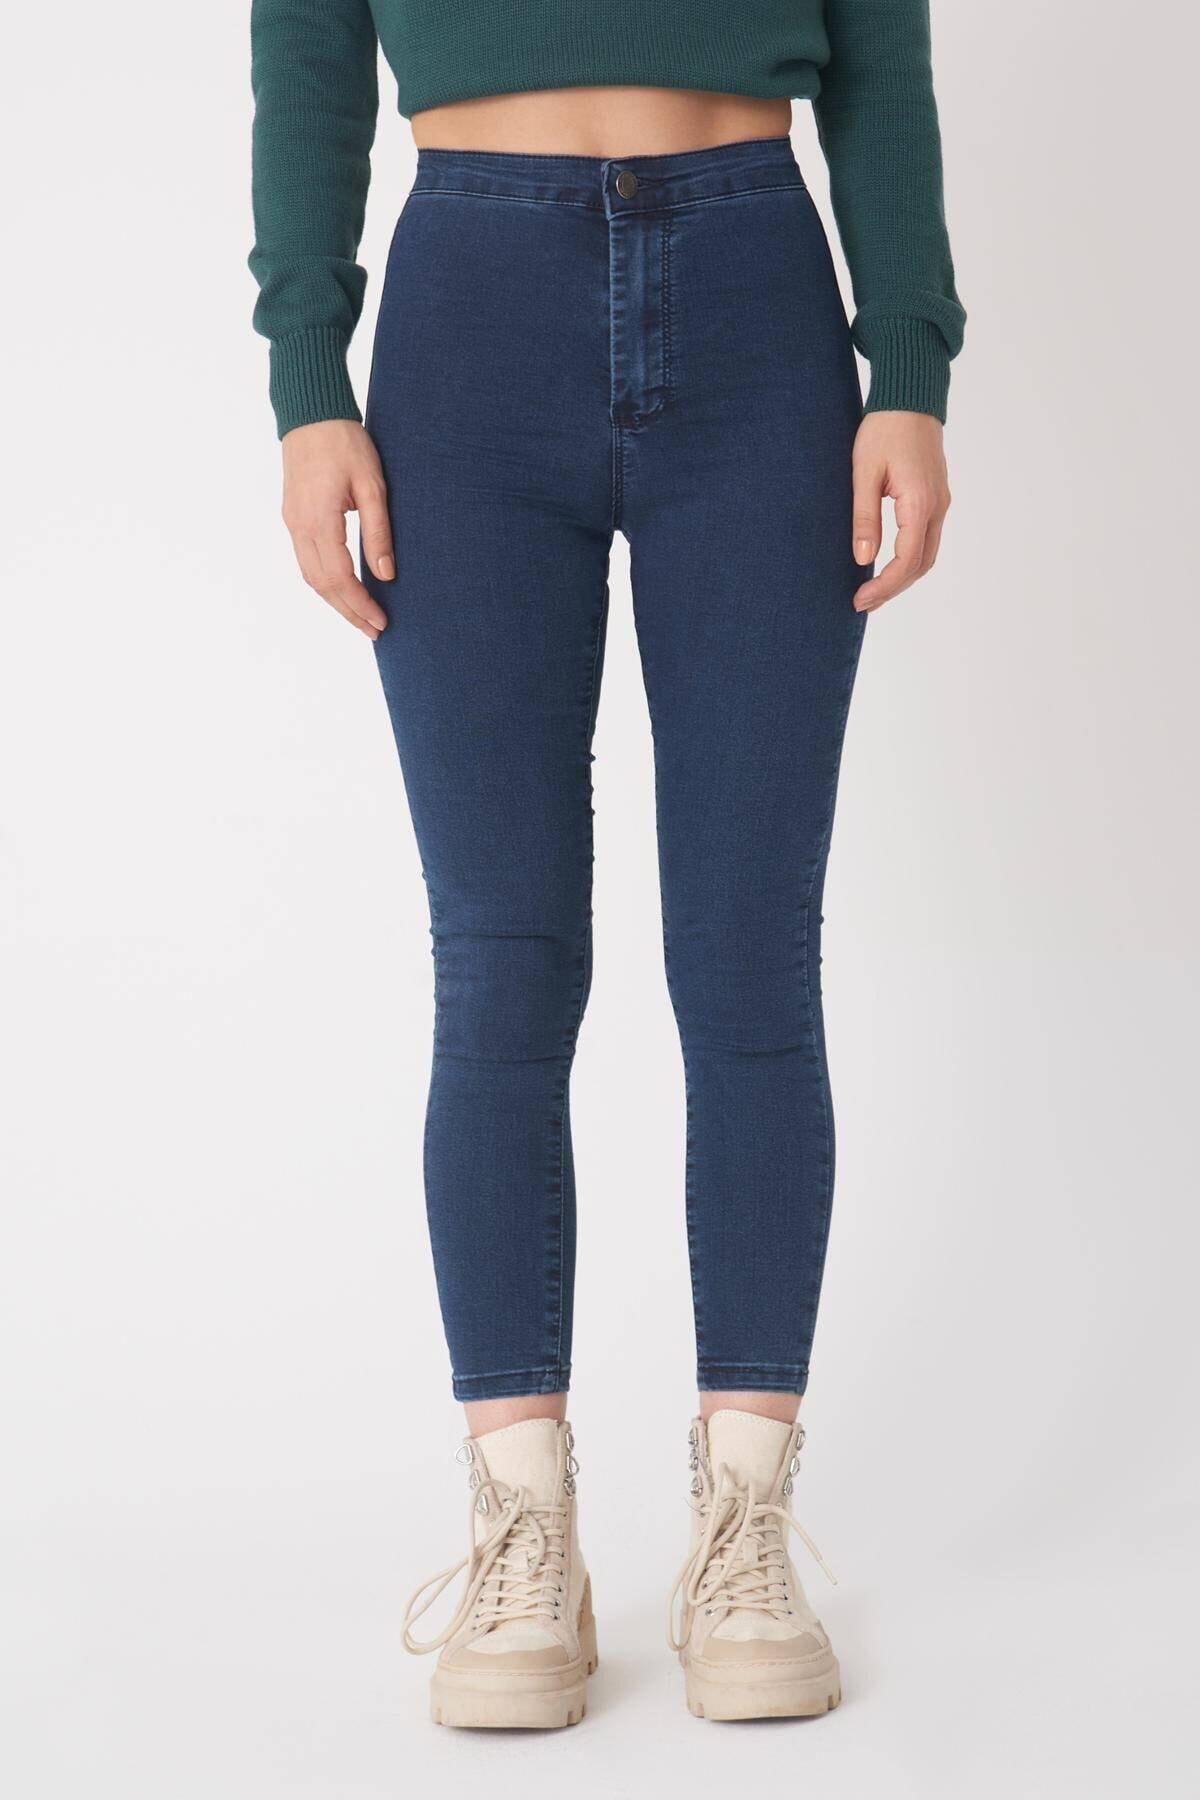 Addax Kadın Koyu Laci Yüksek Bel Pantolon Pn10915 - G8 - Pnn Adx-0000013630 1